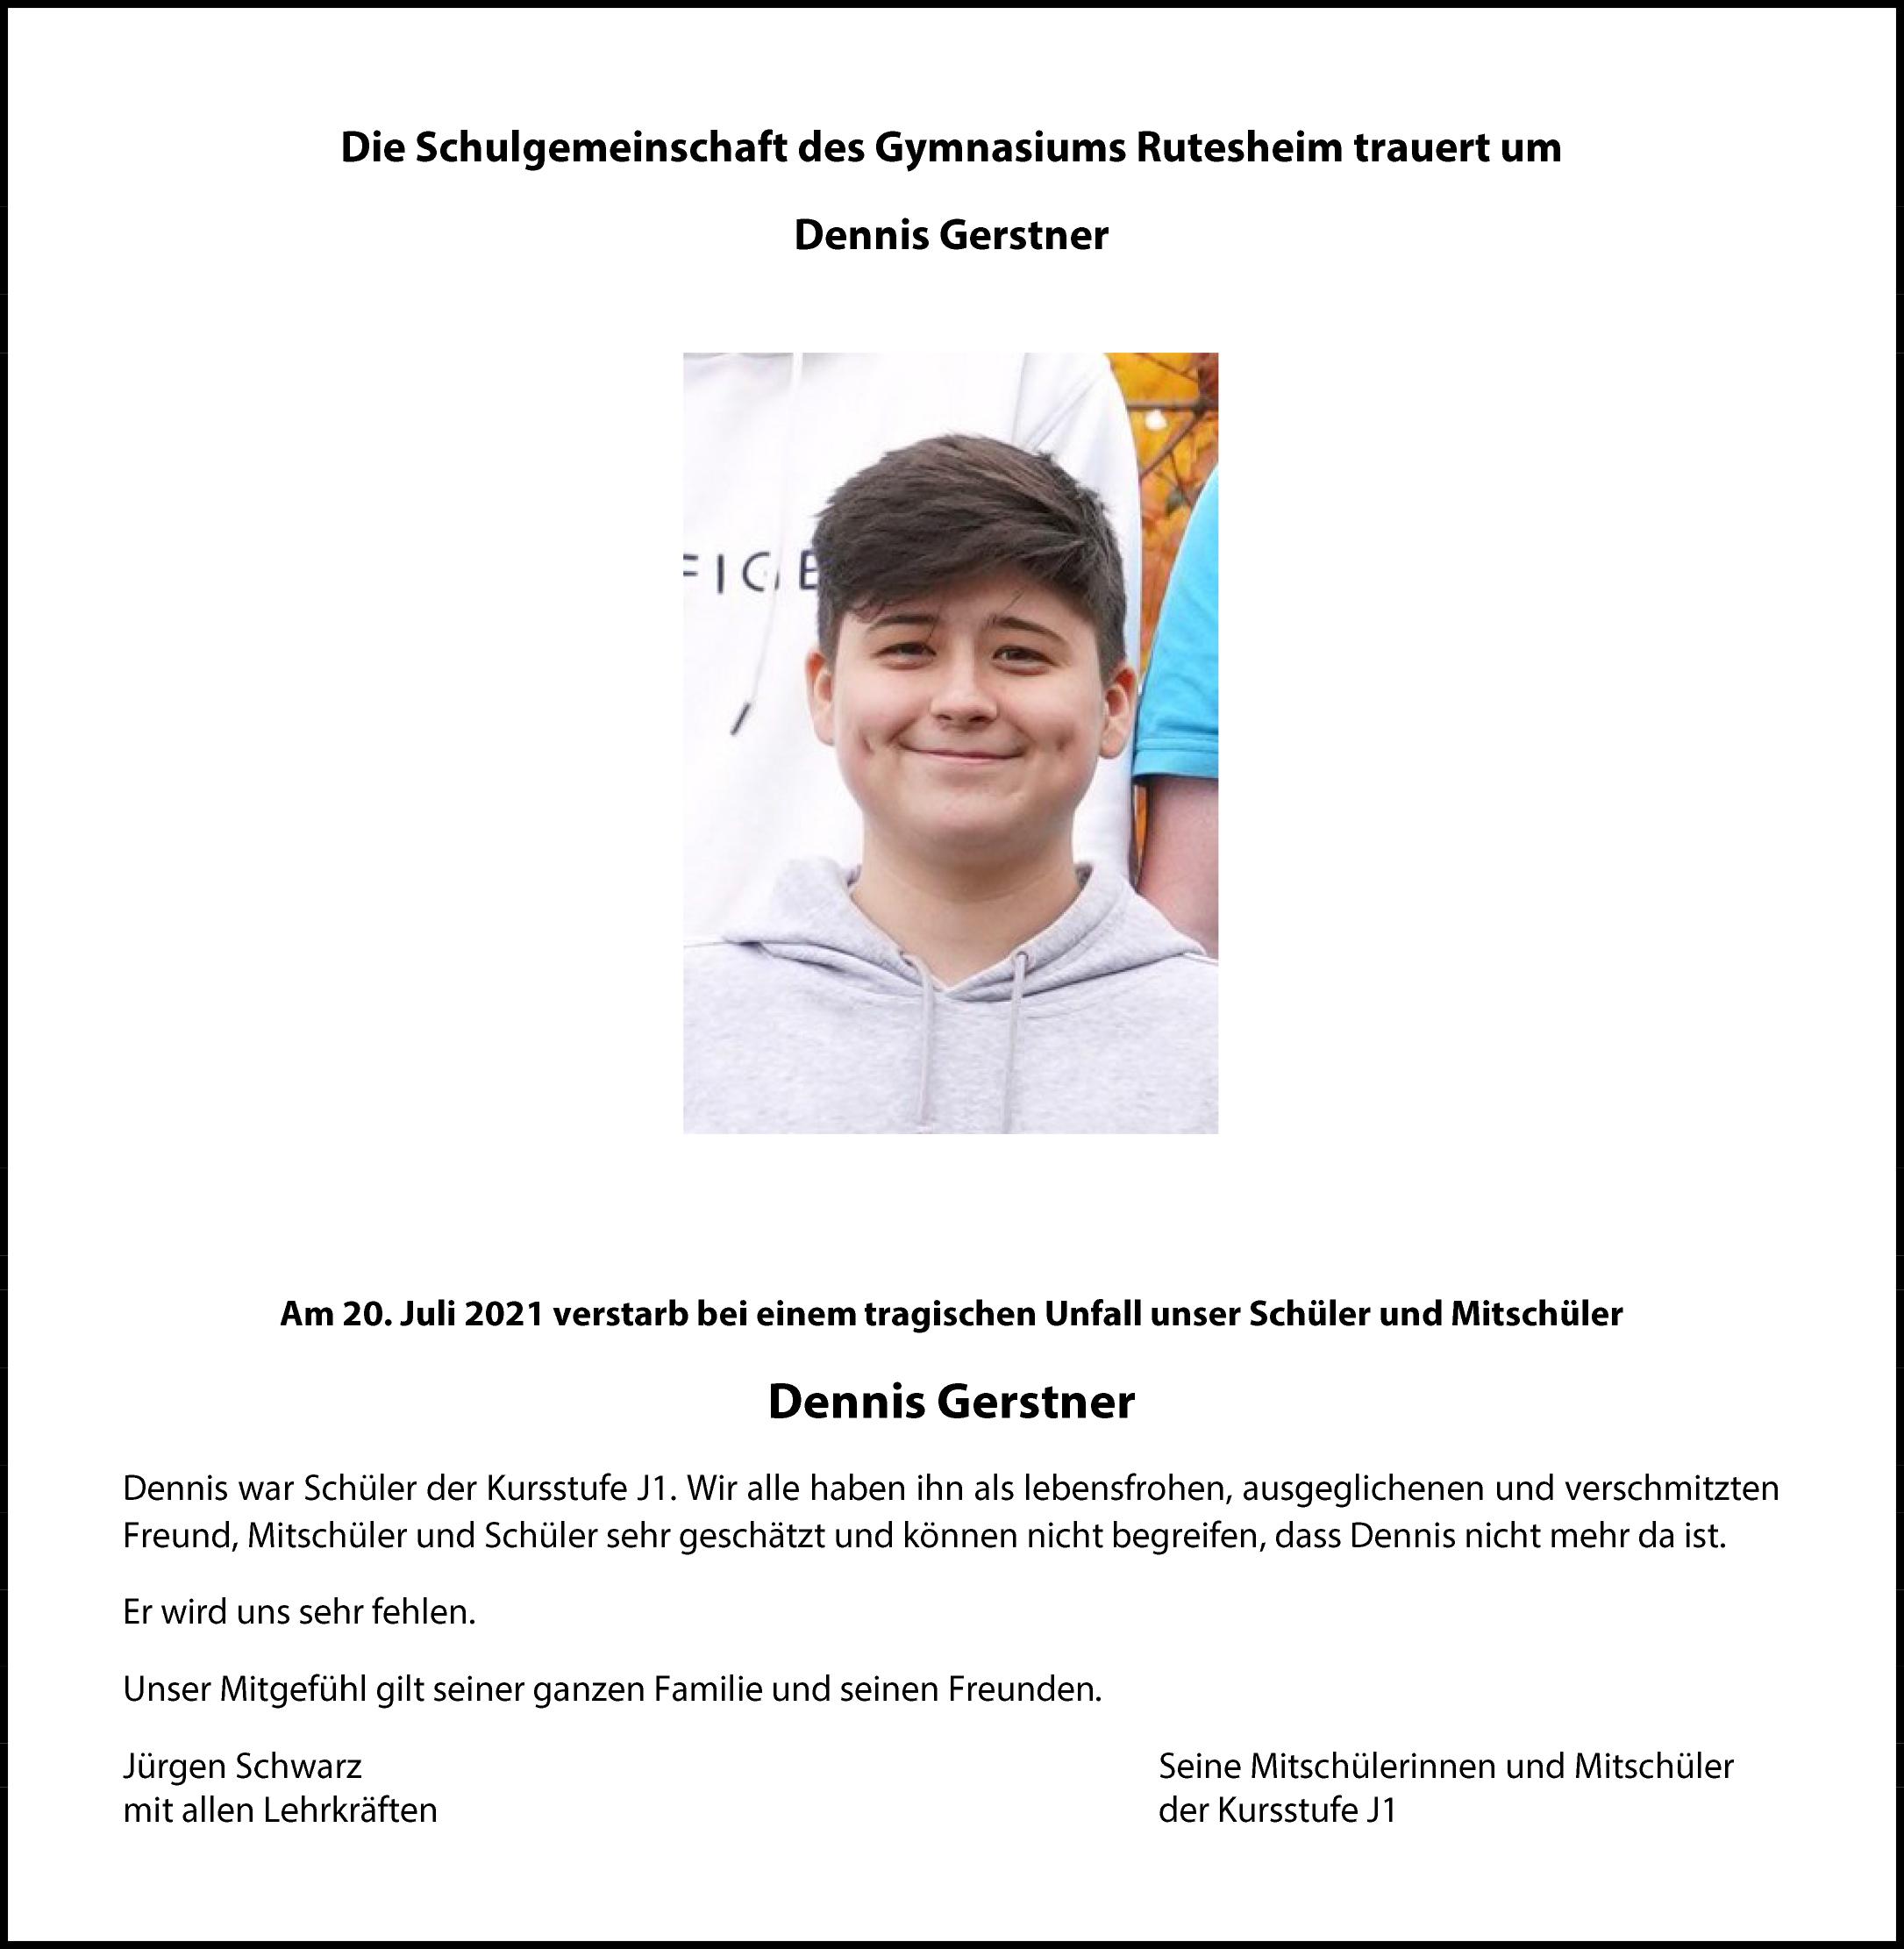 Schulgemeinschaft trauert um Denis Gerstner 2